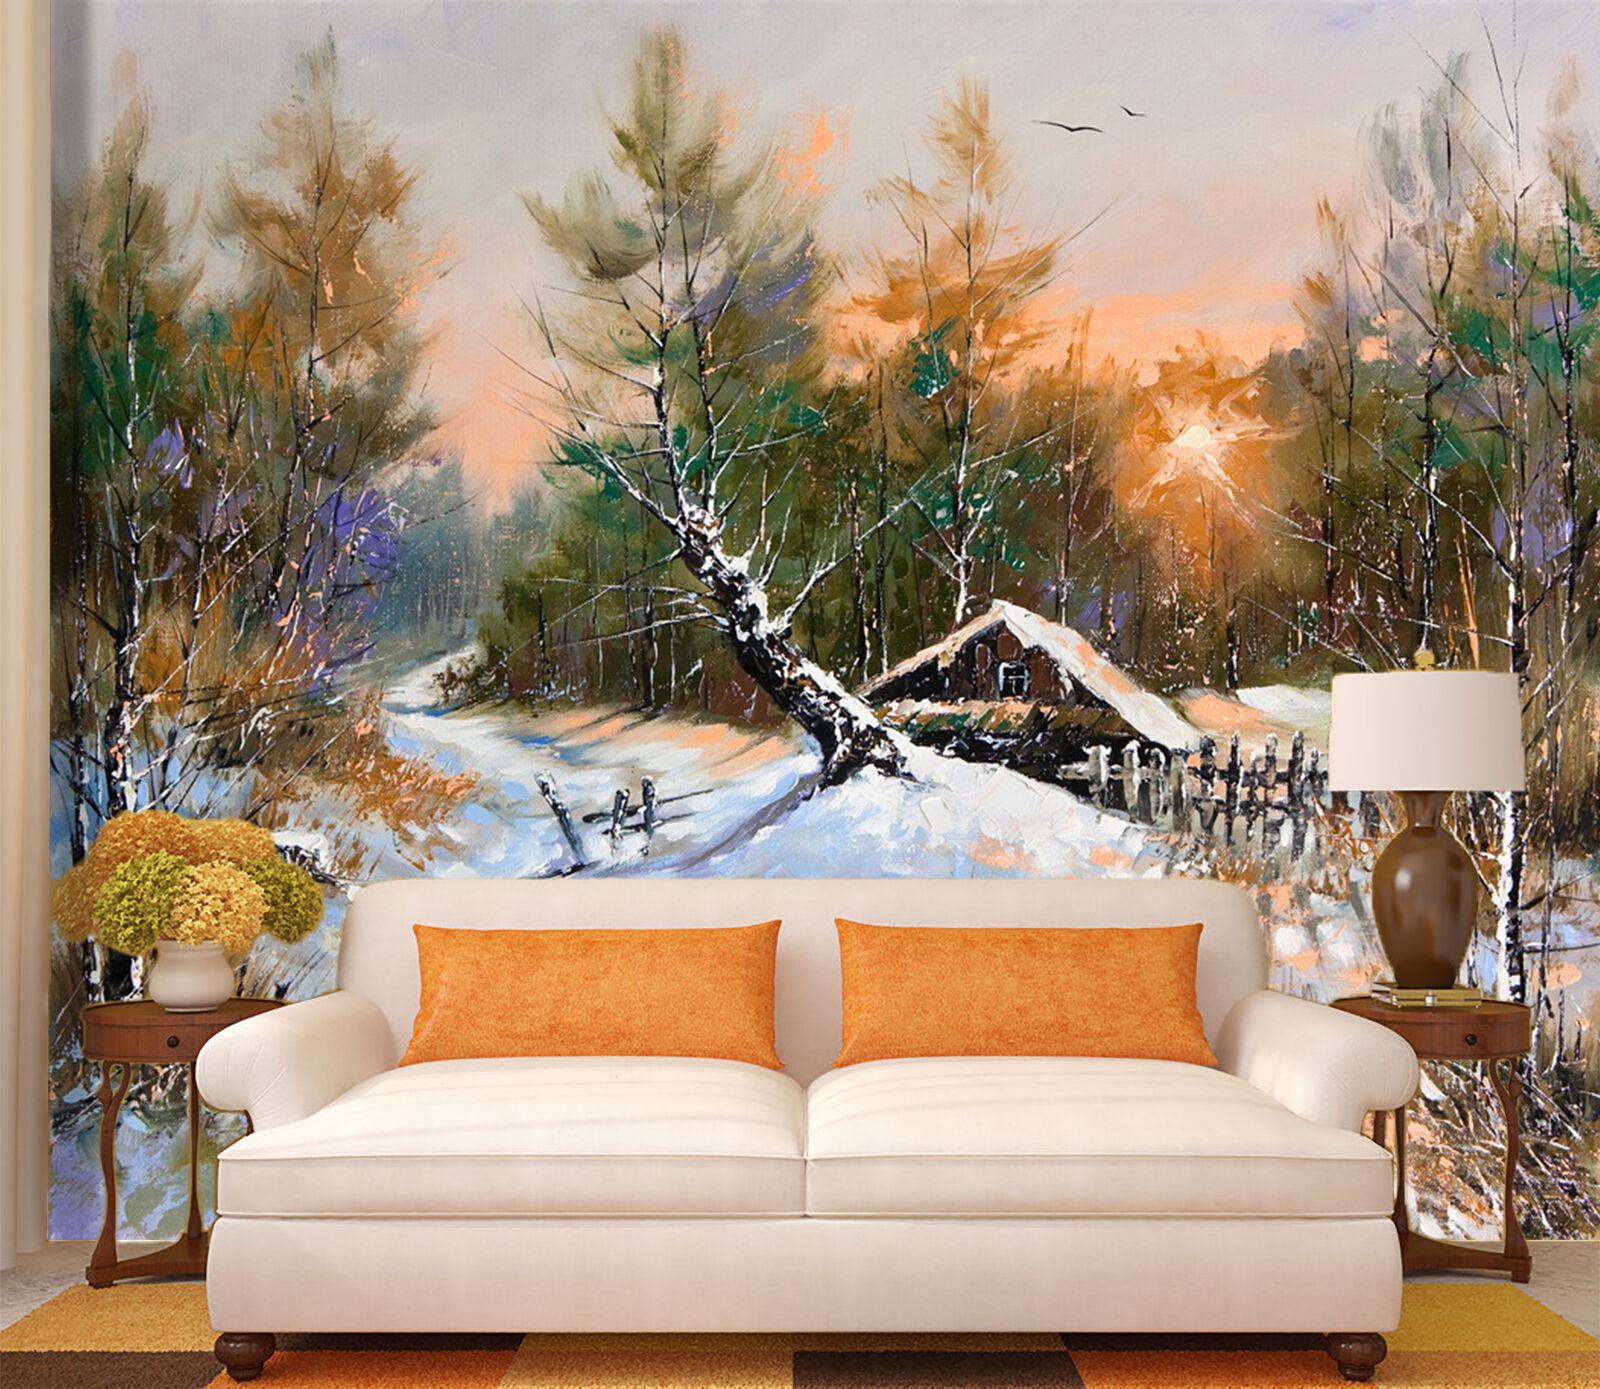 3D 3D 3D Bosque Papel Pintado Mural Pared Impresión Cottage 059 Calcomanía Pared Deco AJ Wallpaper 93f2b7